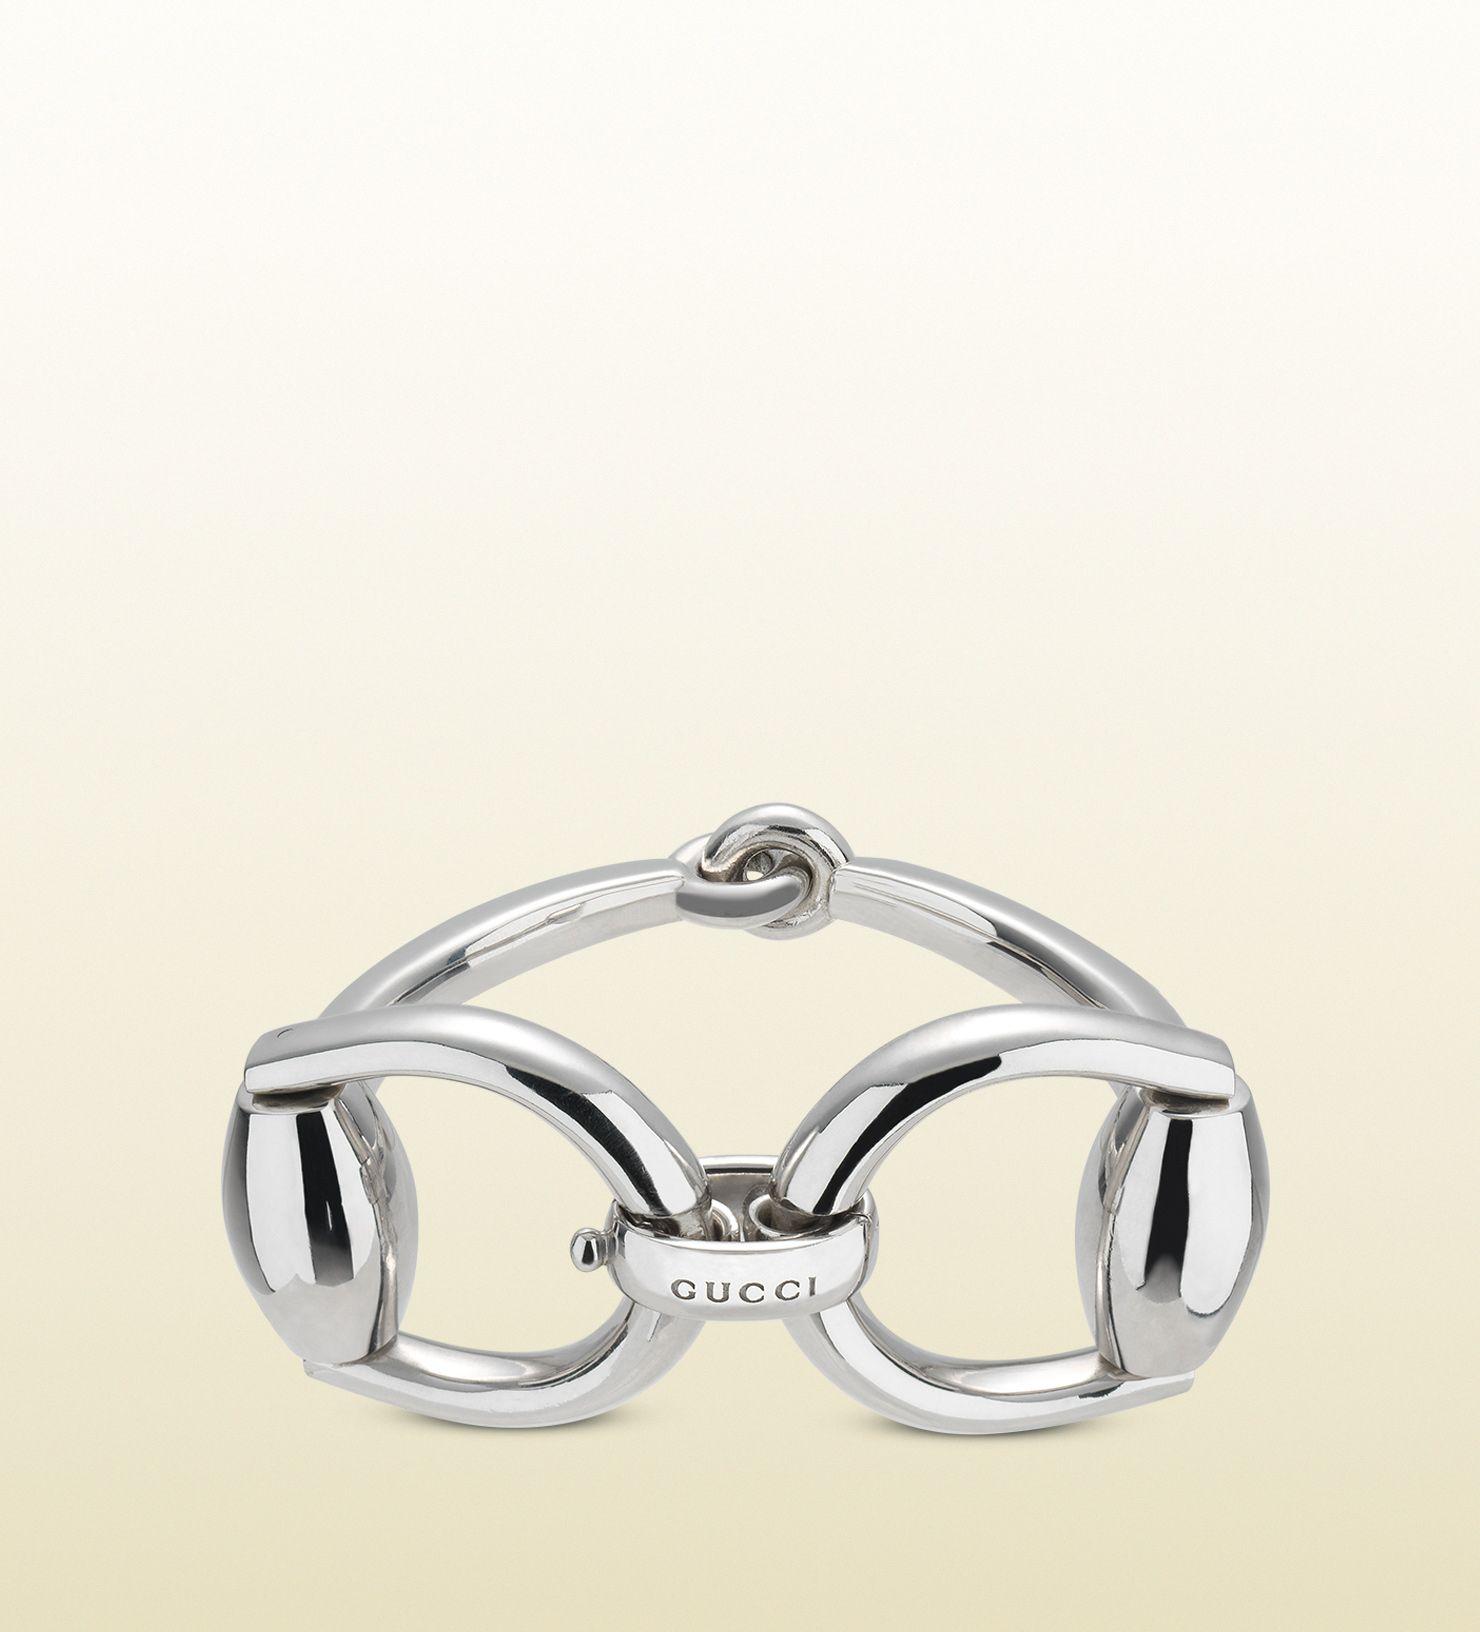 Horsebit Bracelet In Silver